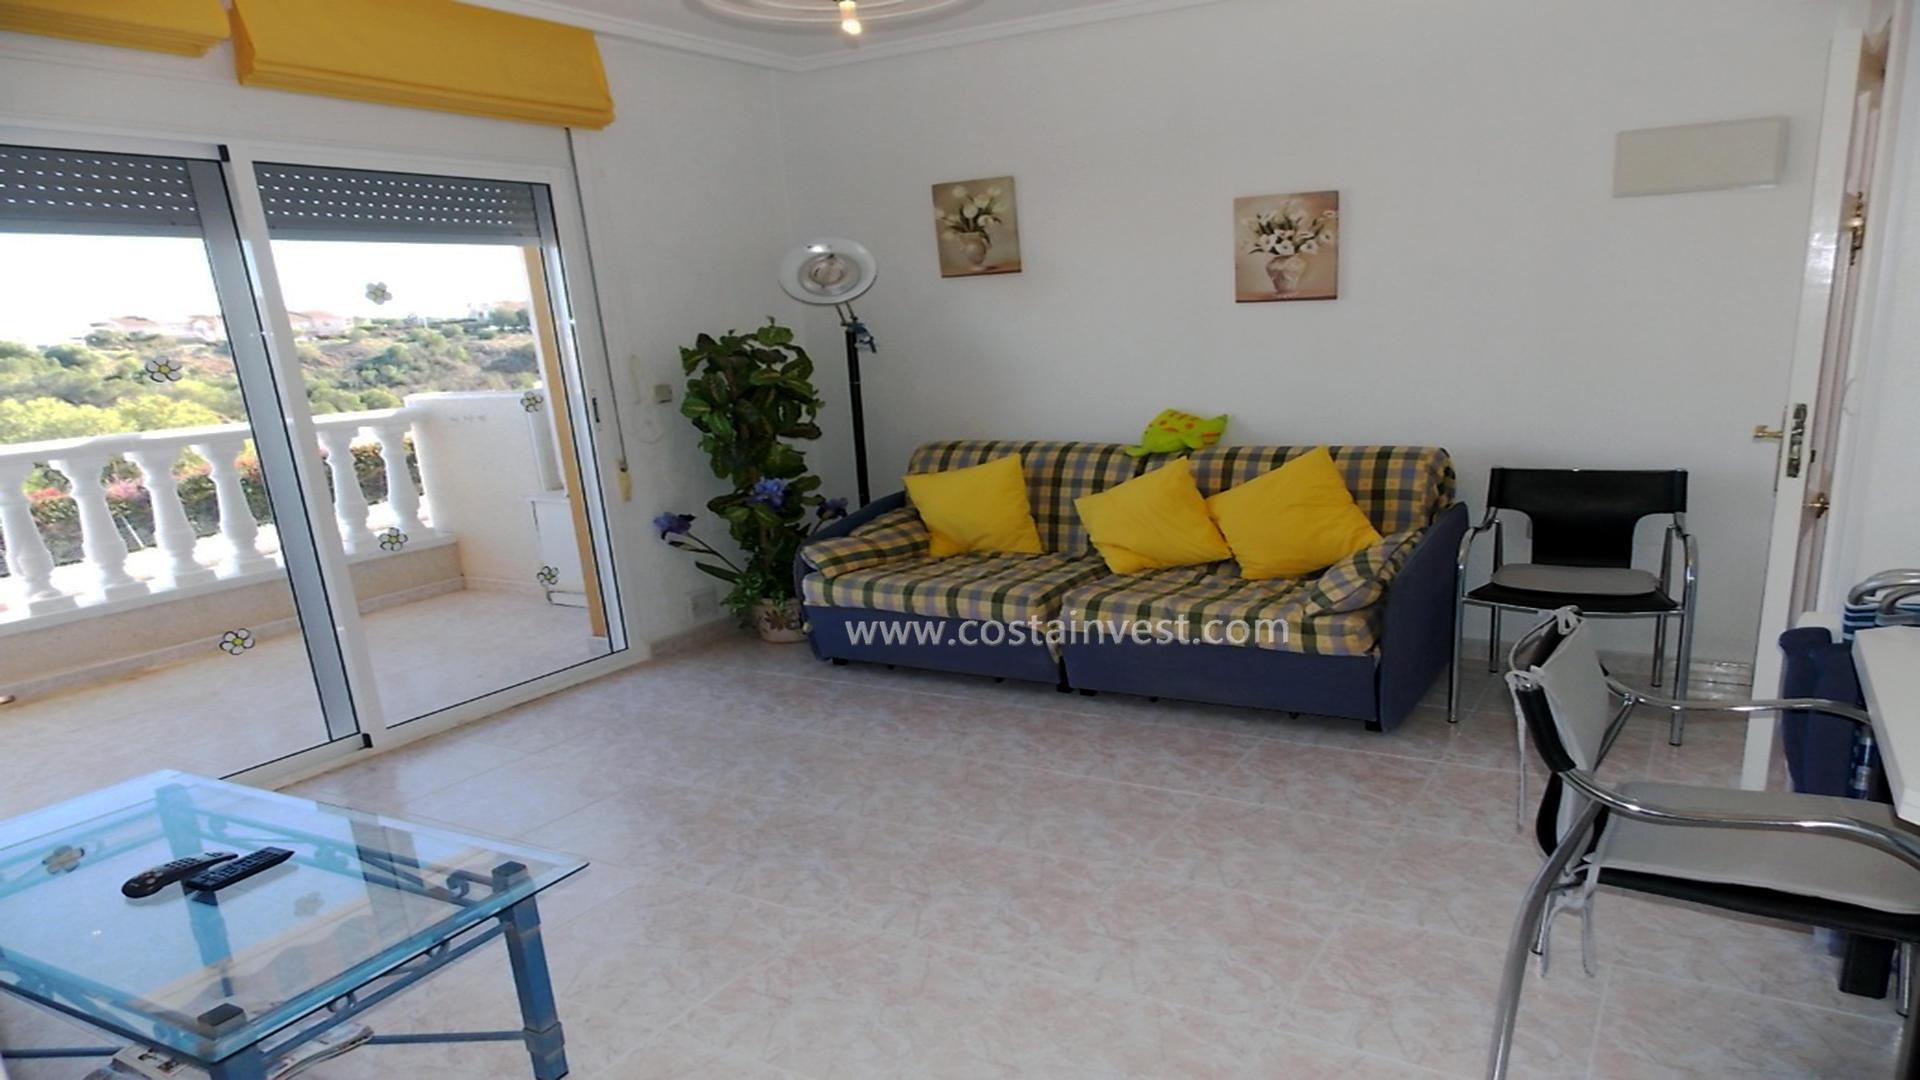 Appartement -                                       La Mata -                                       1 chambres -                                       4 occupants